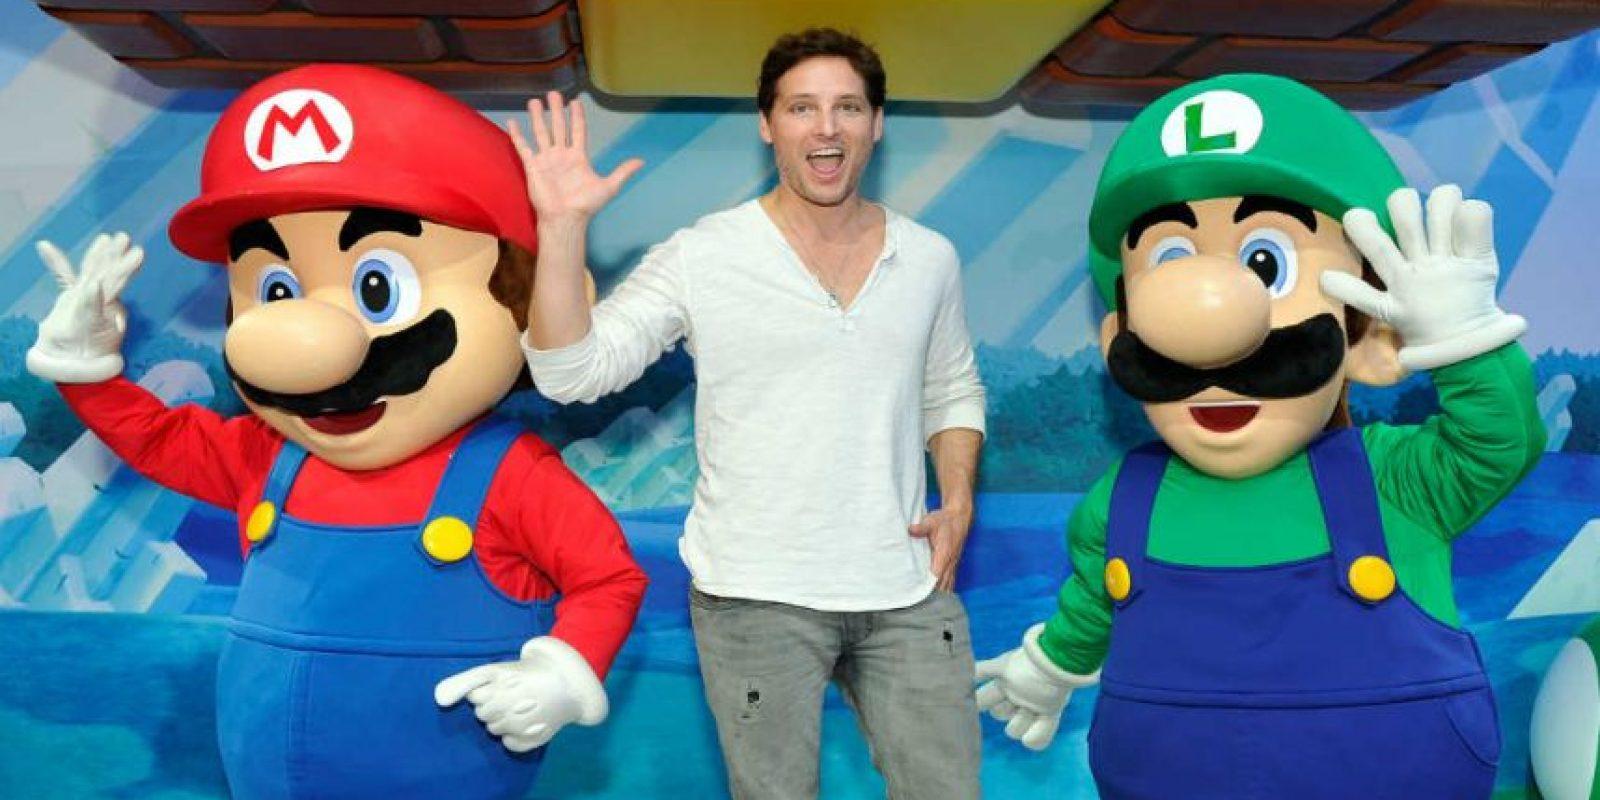 """""""Nintendo DS"""" es la consola más vendida en el mundo. Foto:Getty Images"""